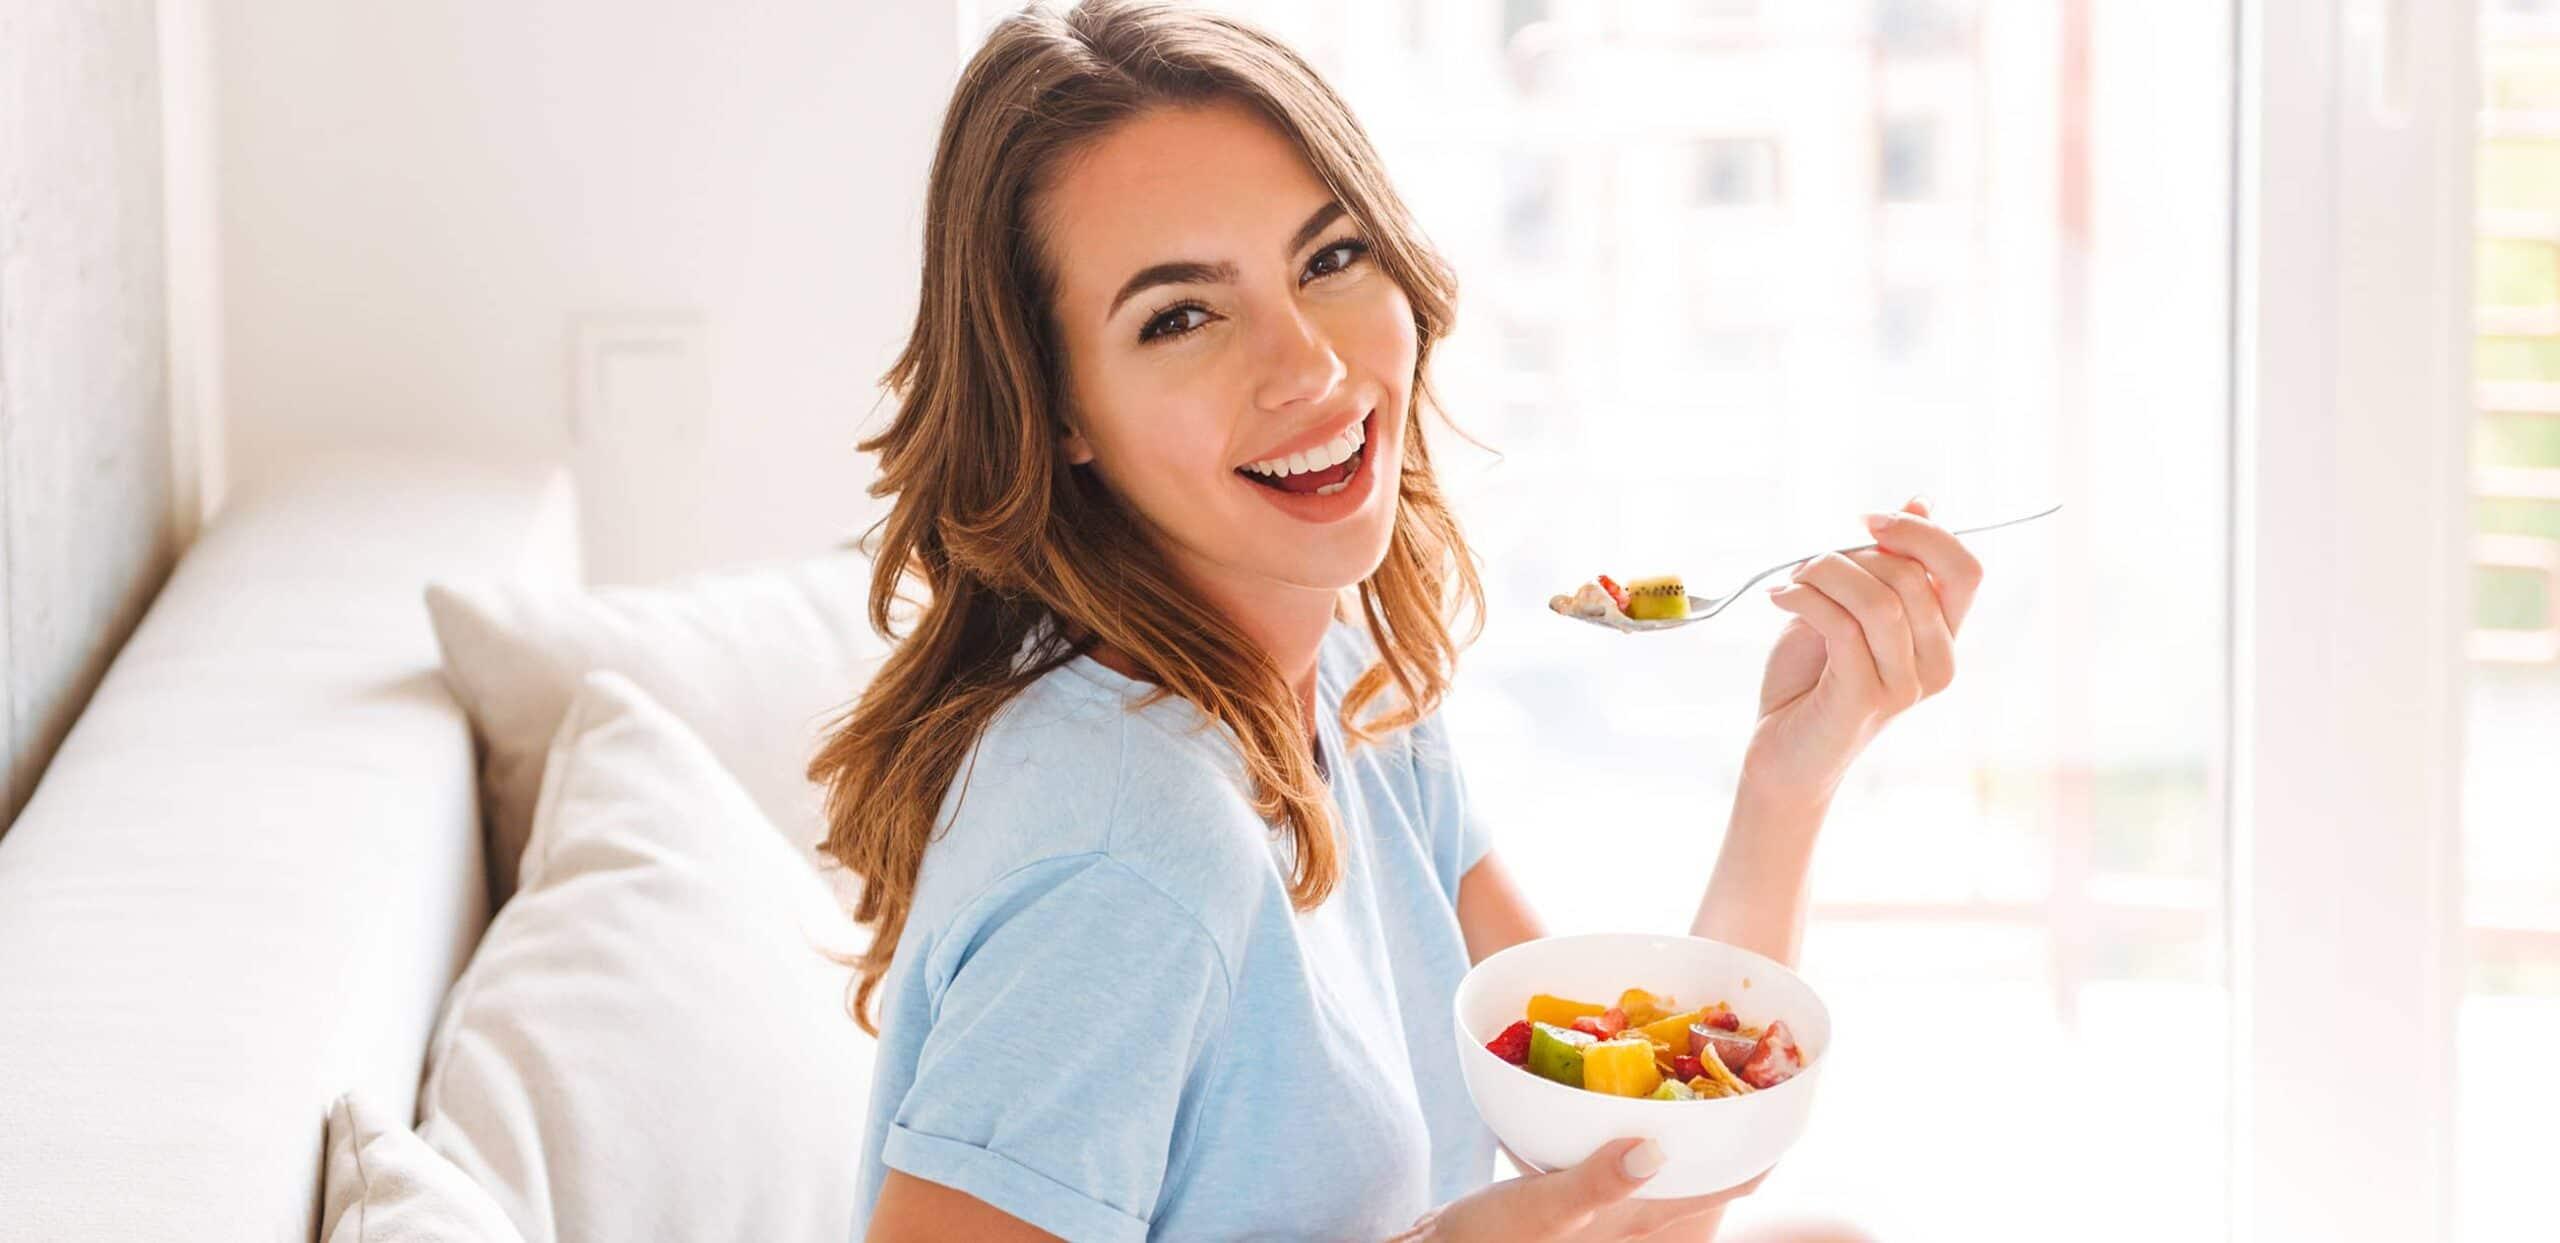 Découvrez les soins qui permettent d'optimiser votre régime | BCBG | Paris